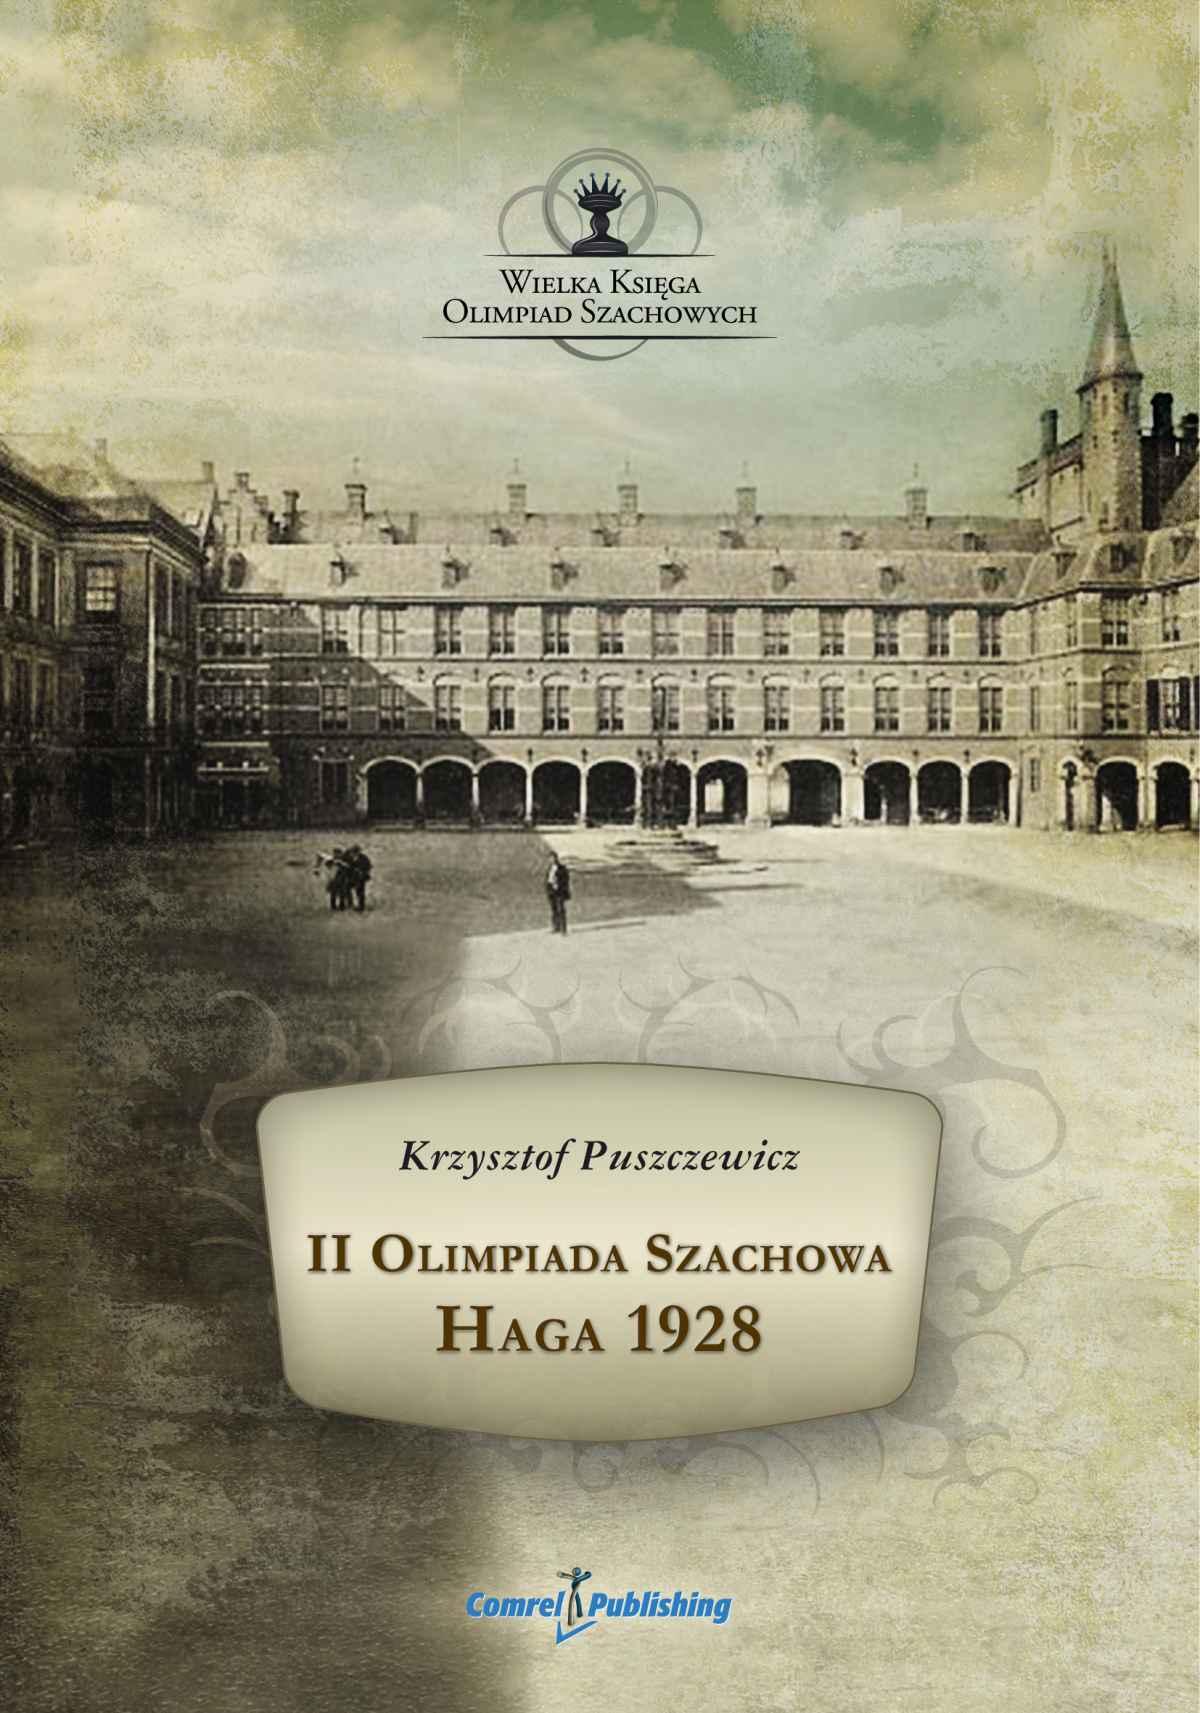 II Olimpiada Szachowa - Haga 1928 - Ebook (Książka PDF) do pobrania w formacie PDF